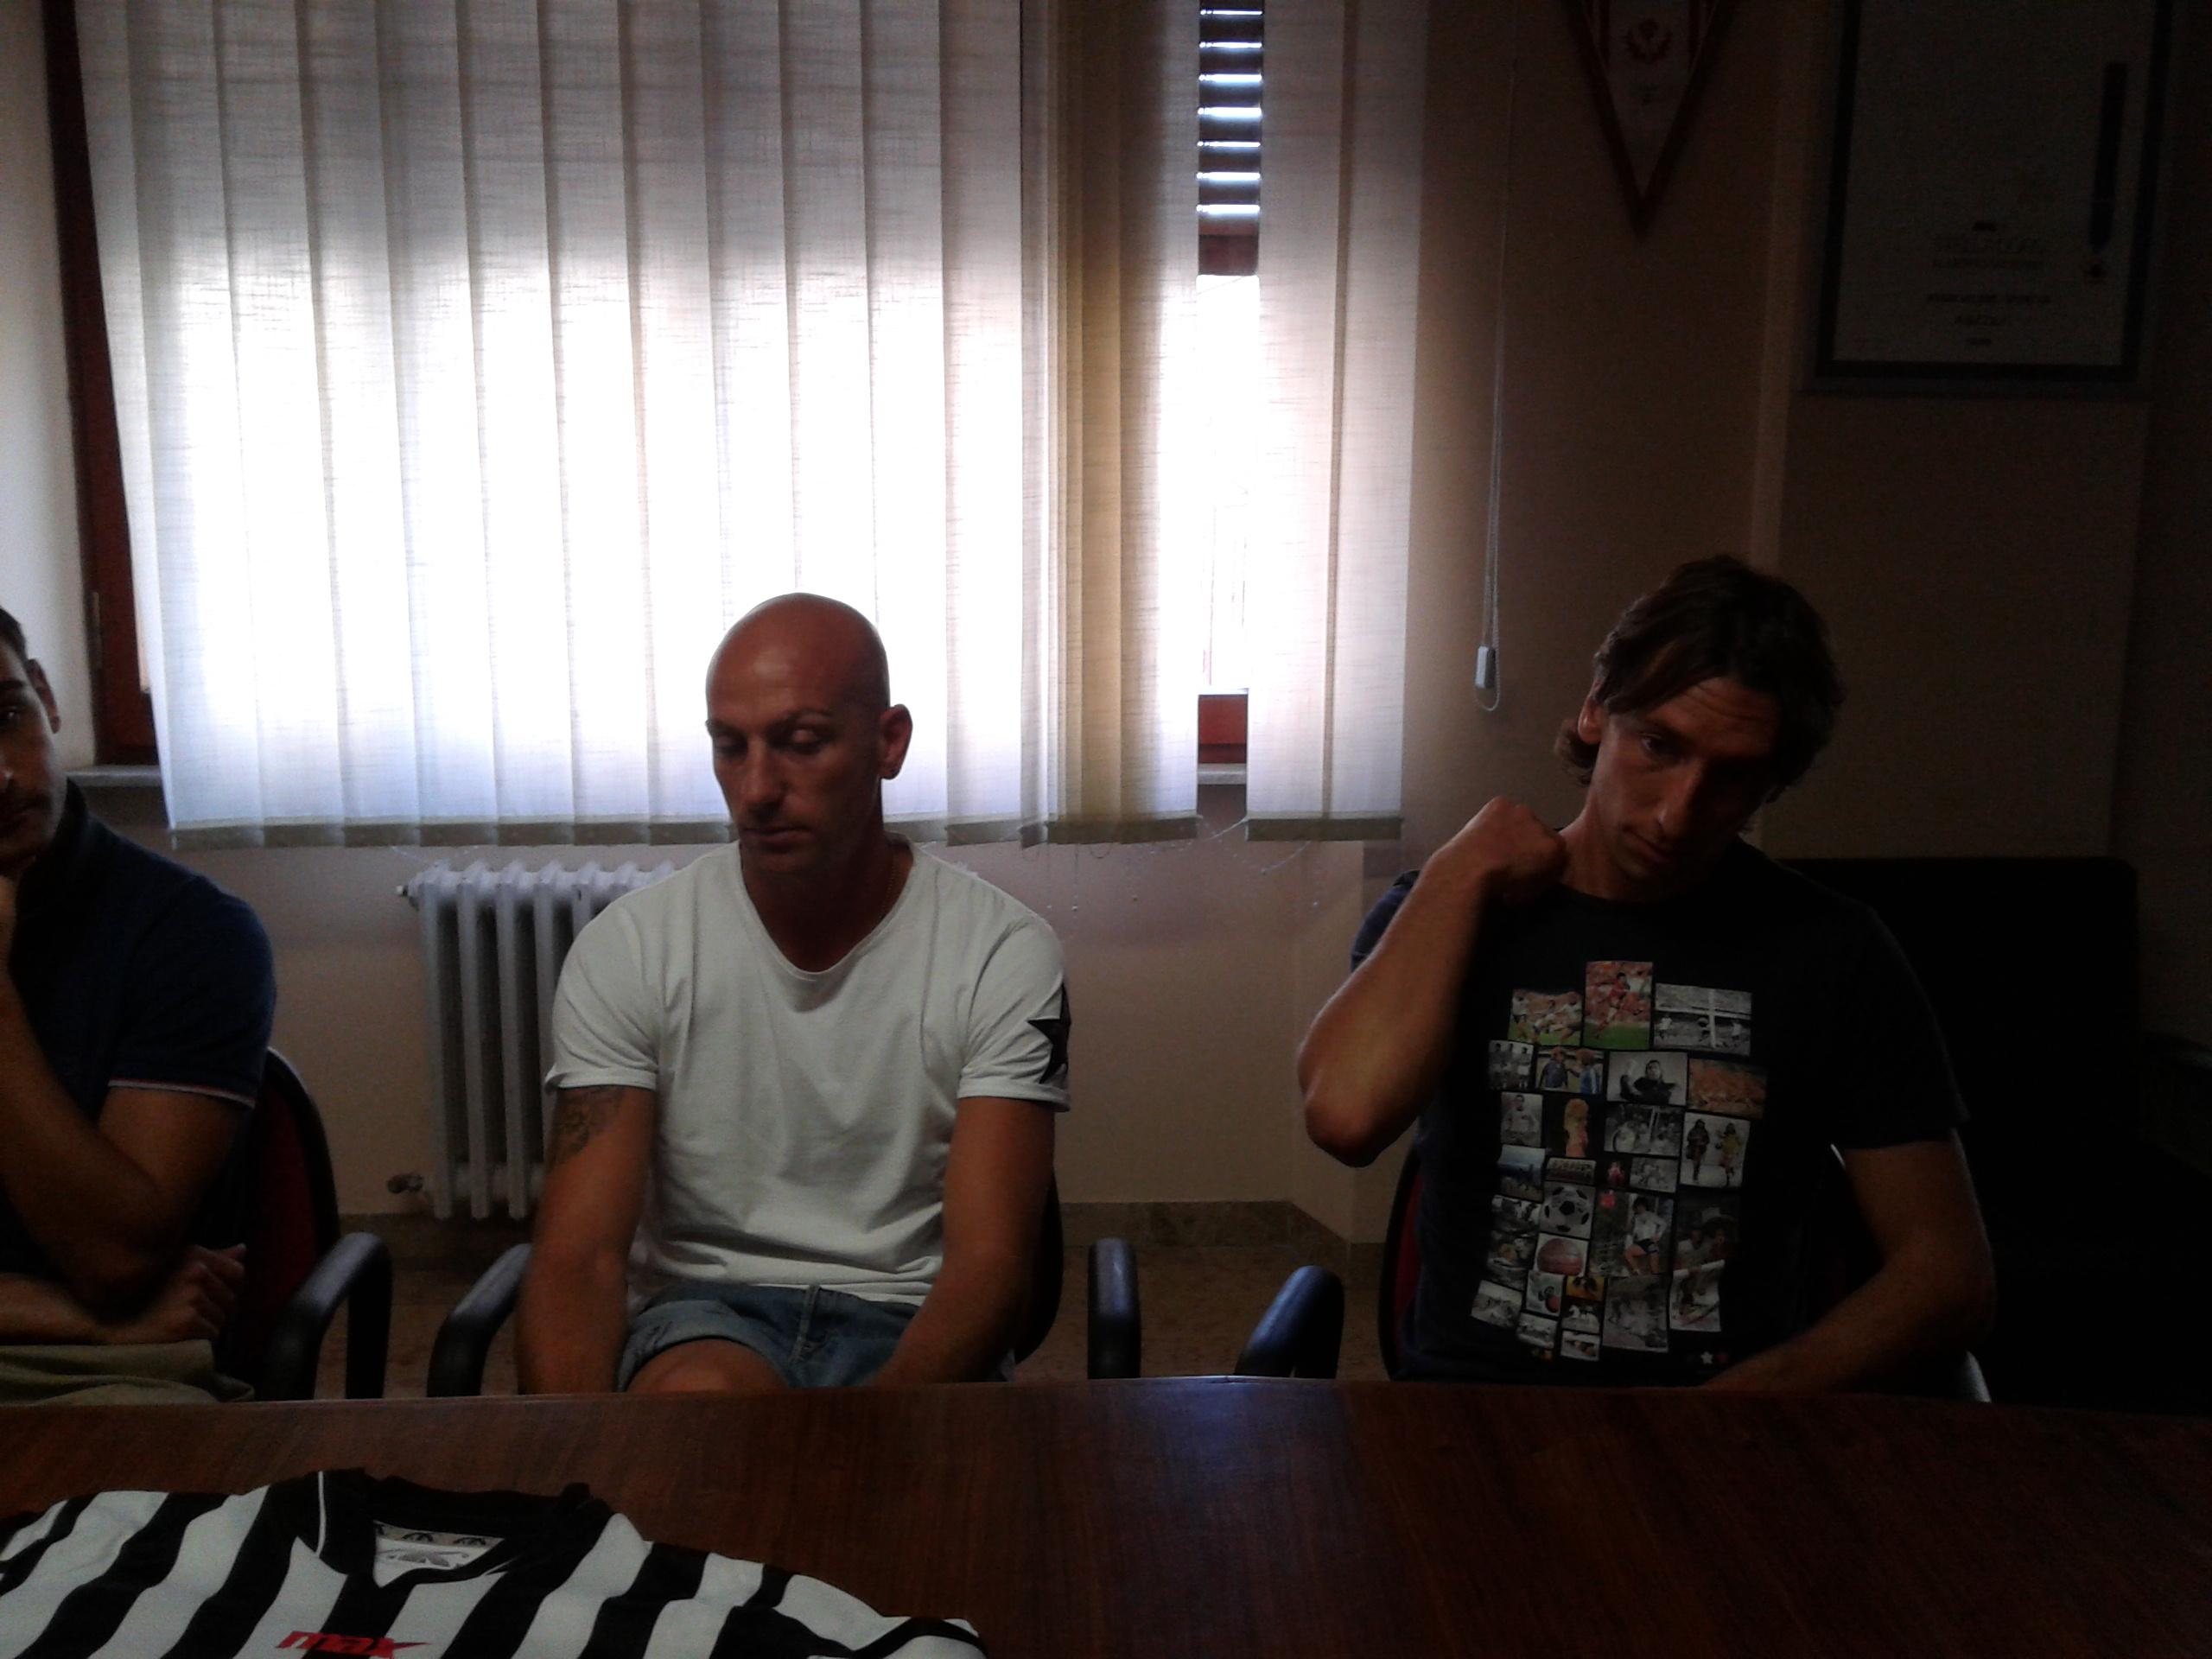 Pestrin, con, alla sua destra, Bianchi